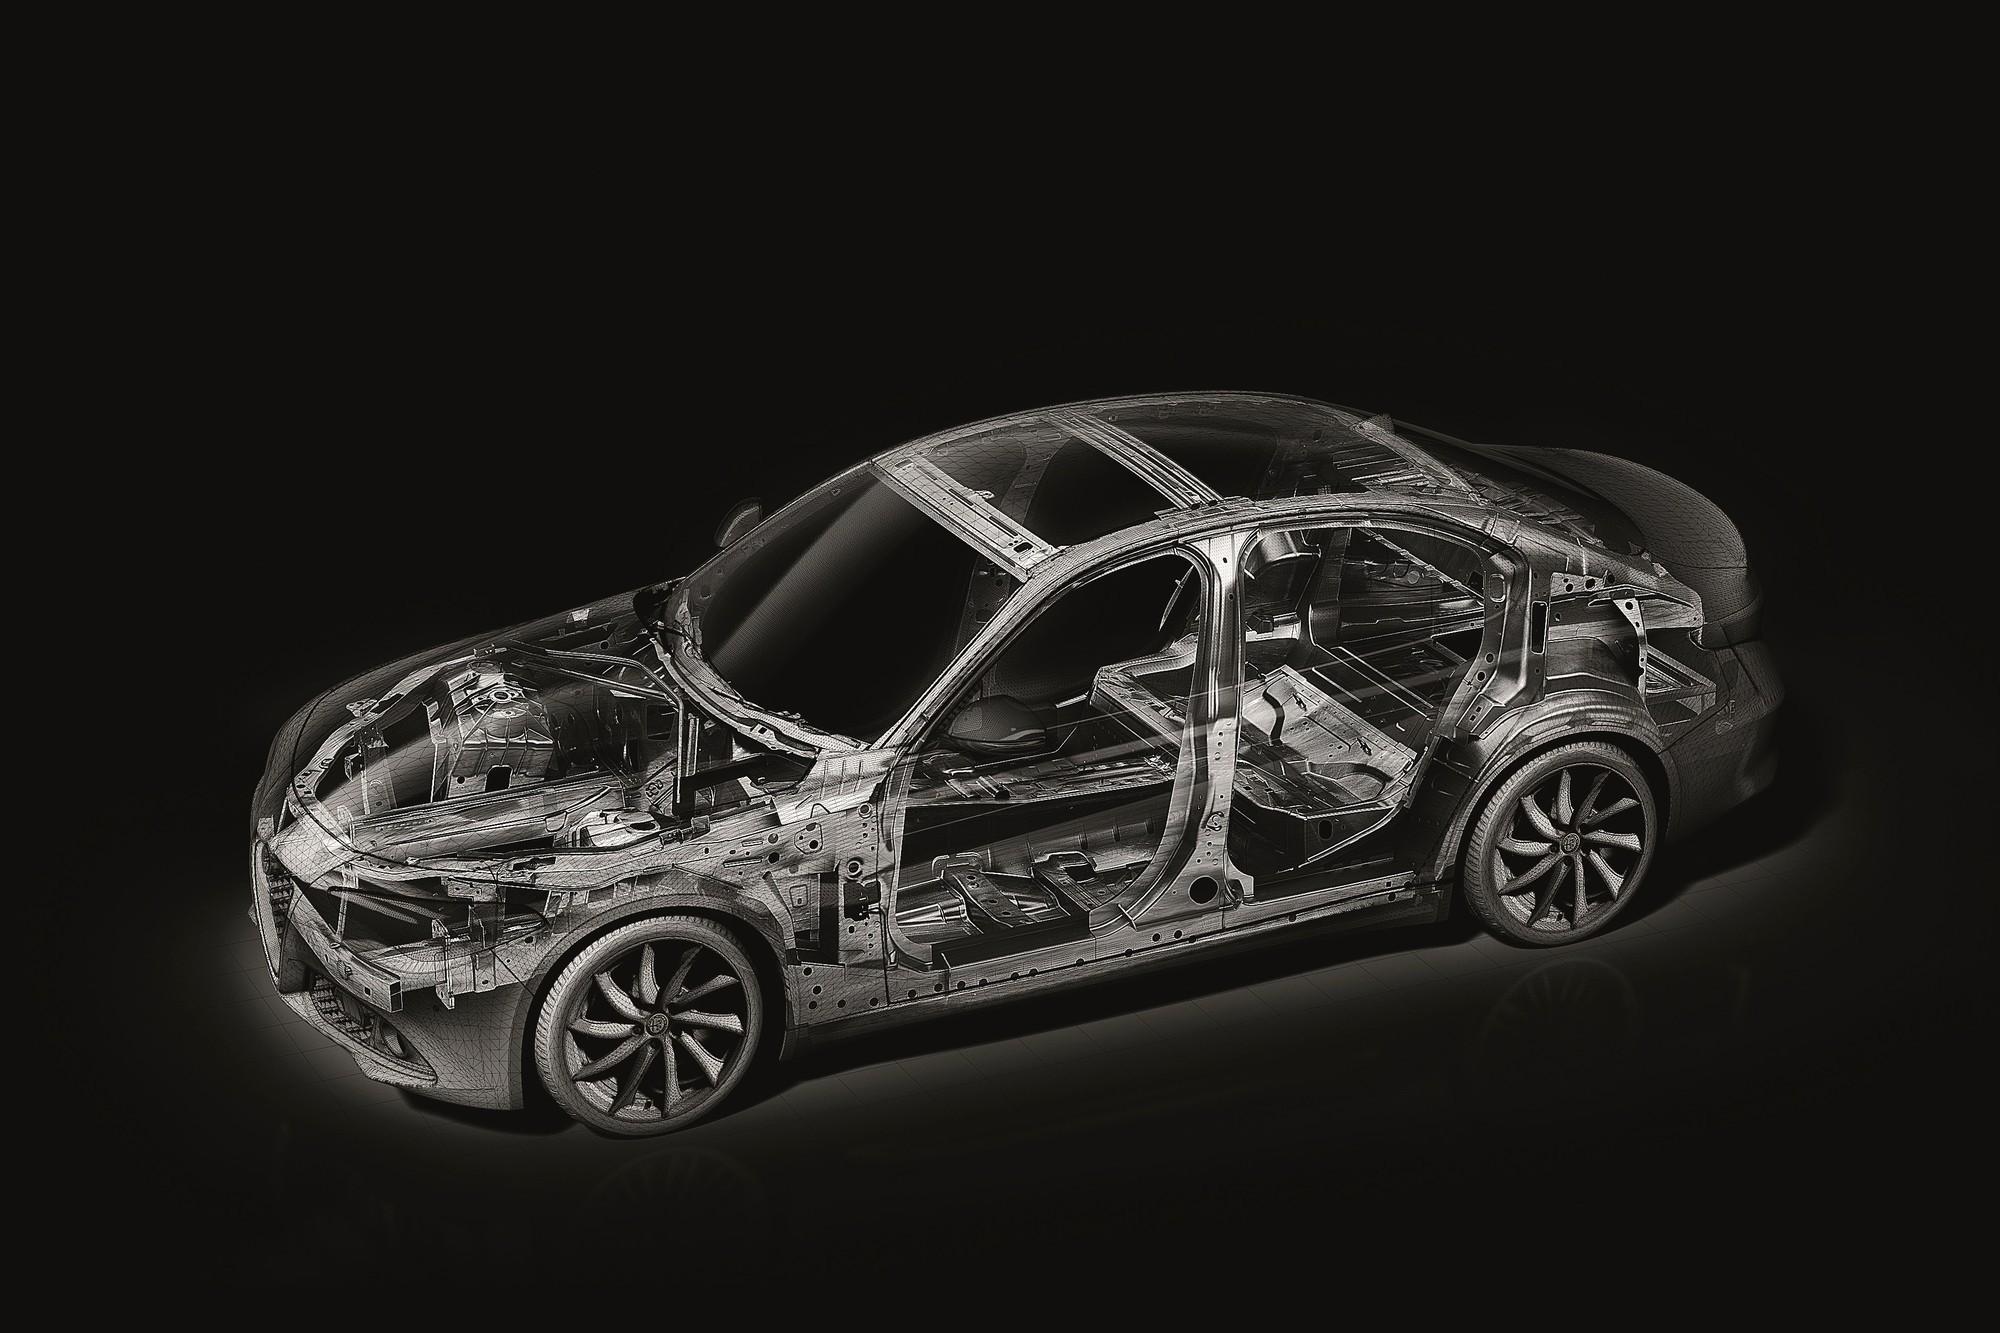 Новые Alfa Romeo, DS и Lancia будут разрабатываться вместе, но отдельно от масс-маркета